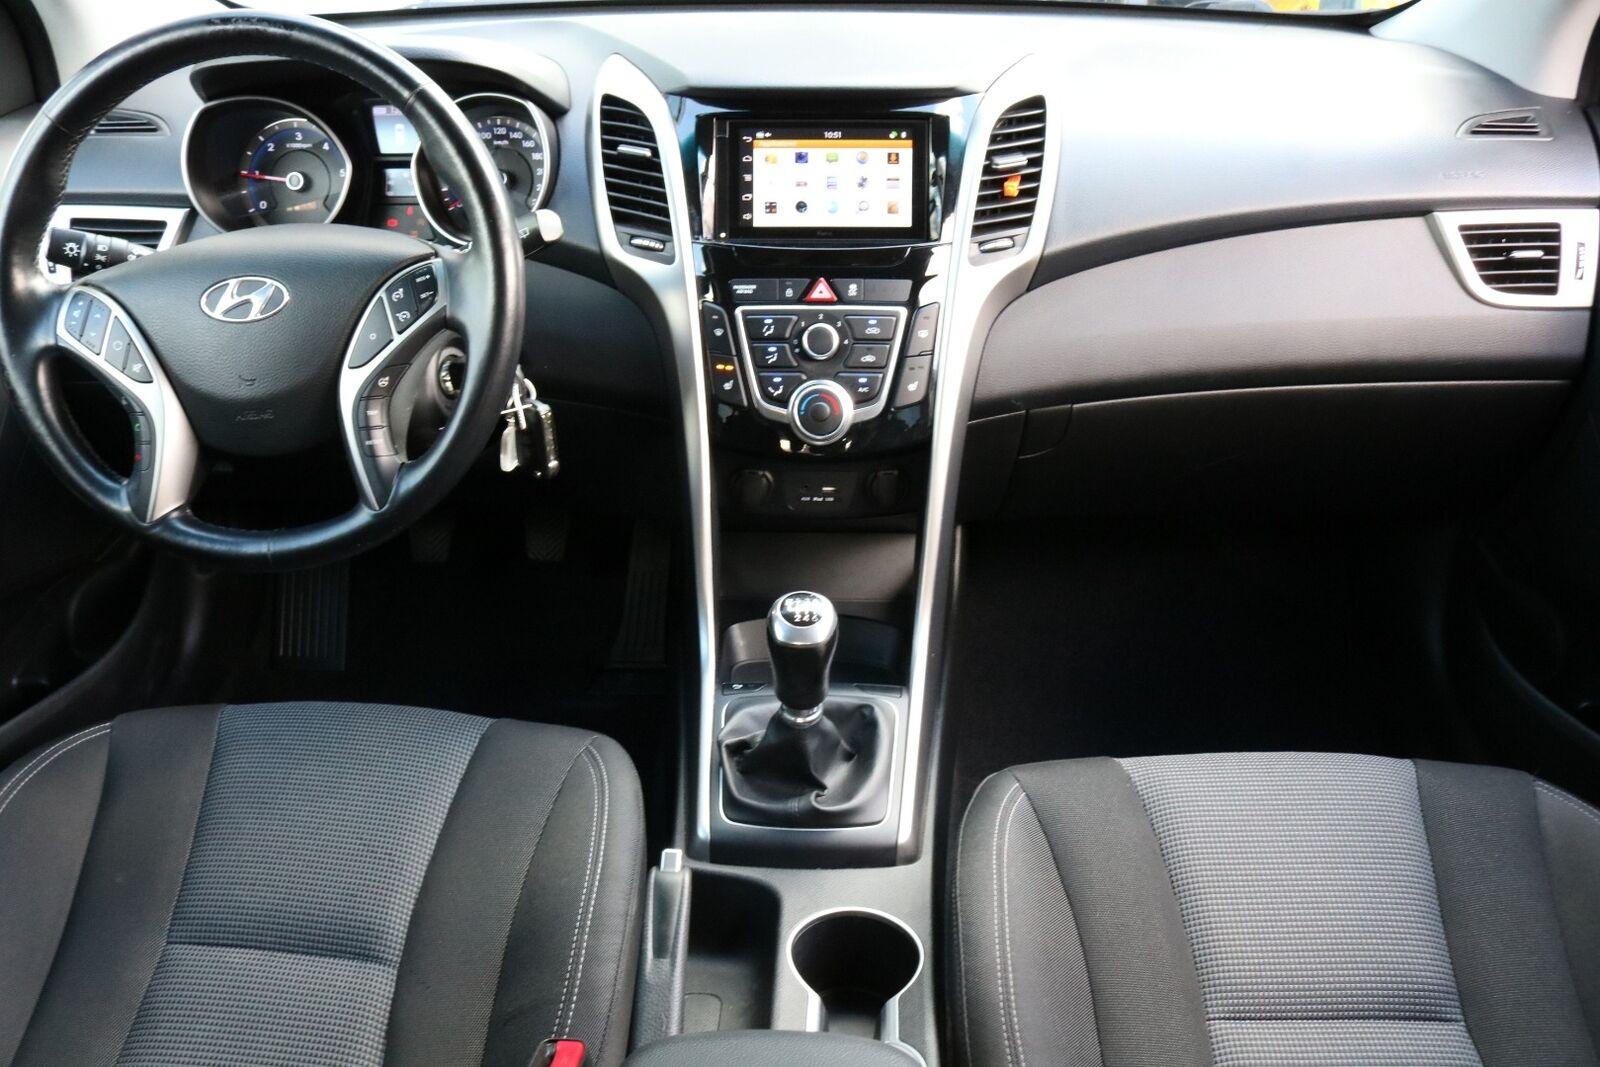 Hyundai i30 CRDi 110 Life+ CW Van